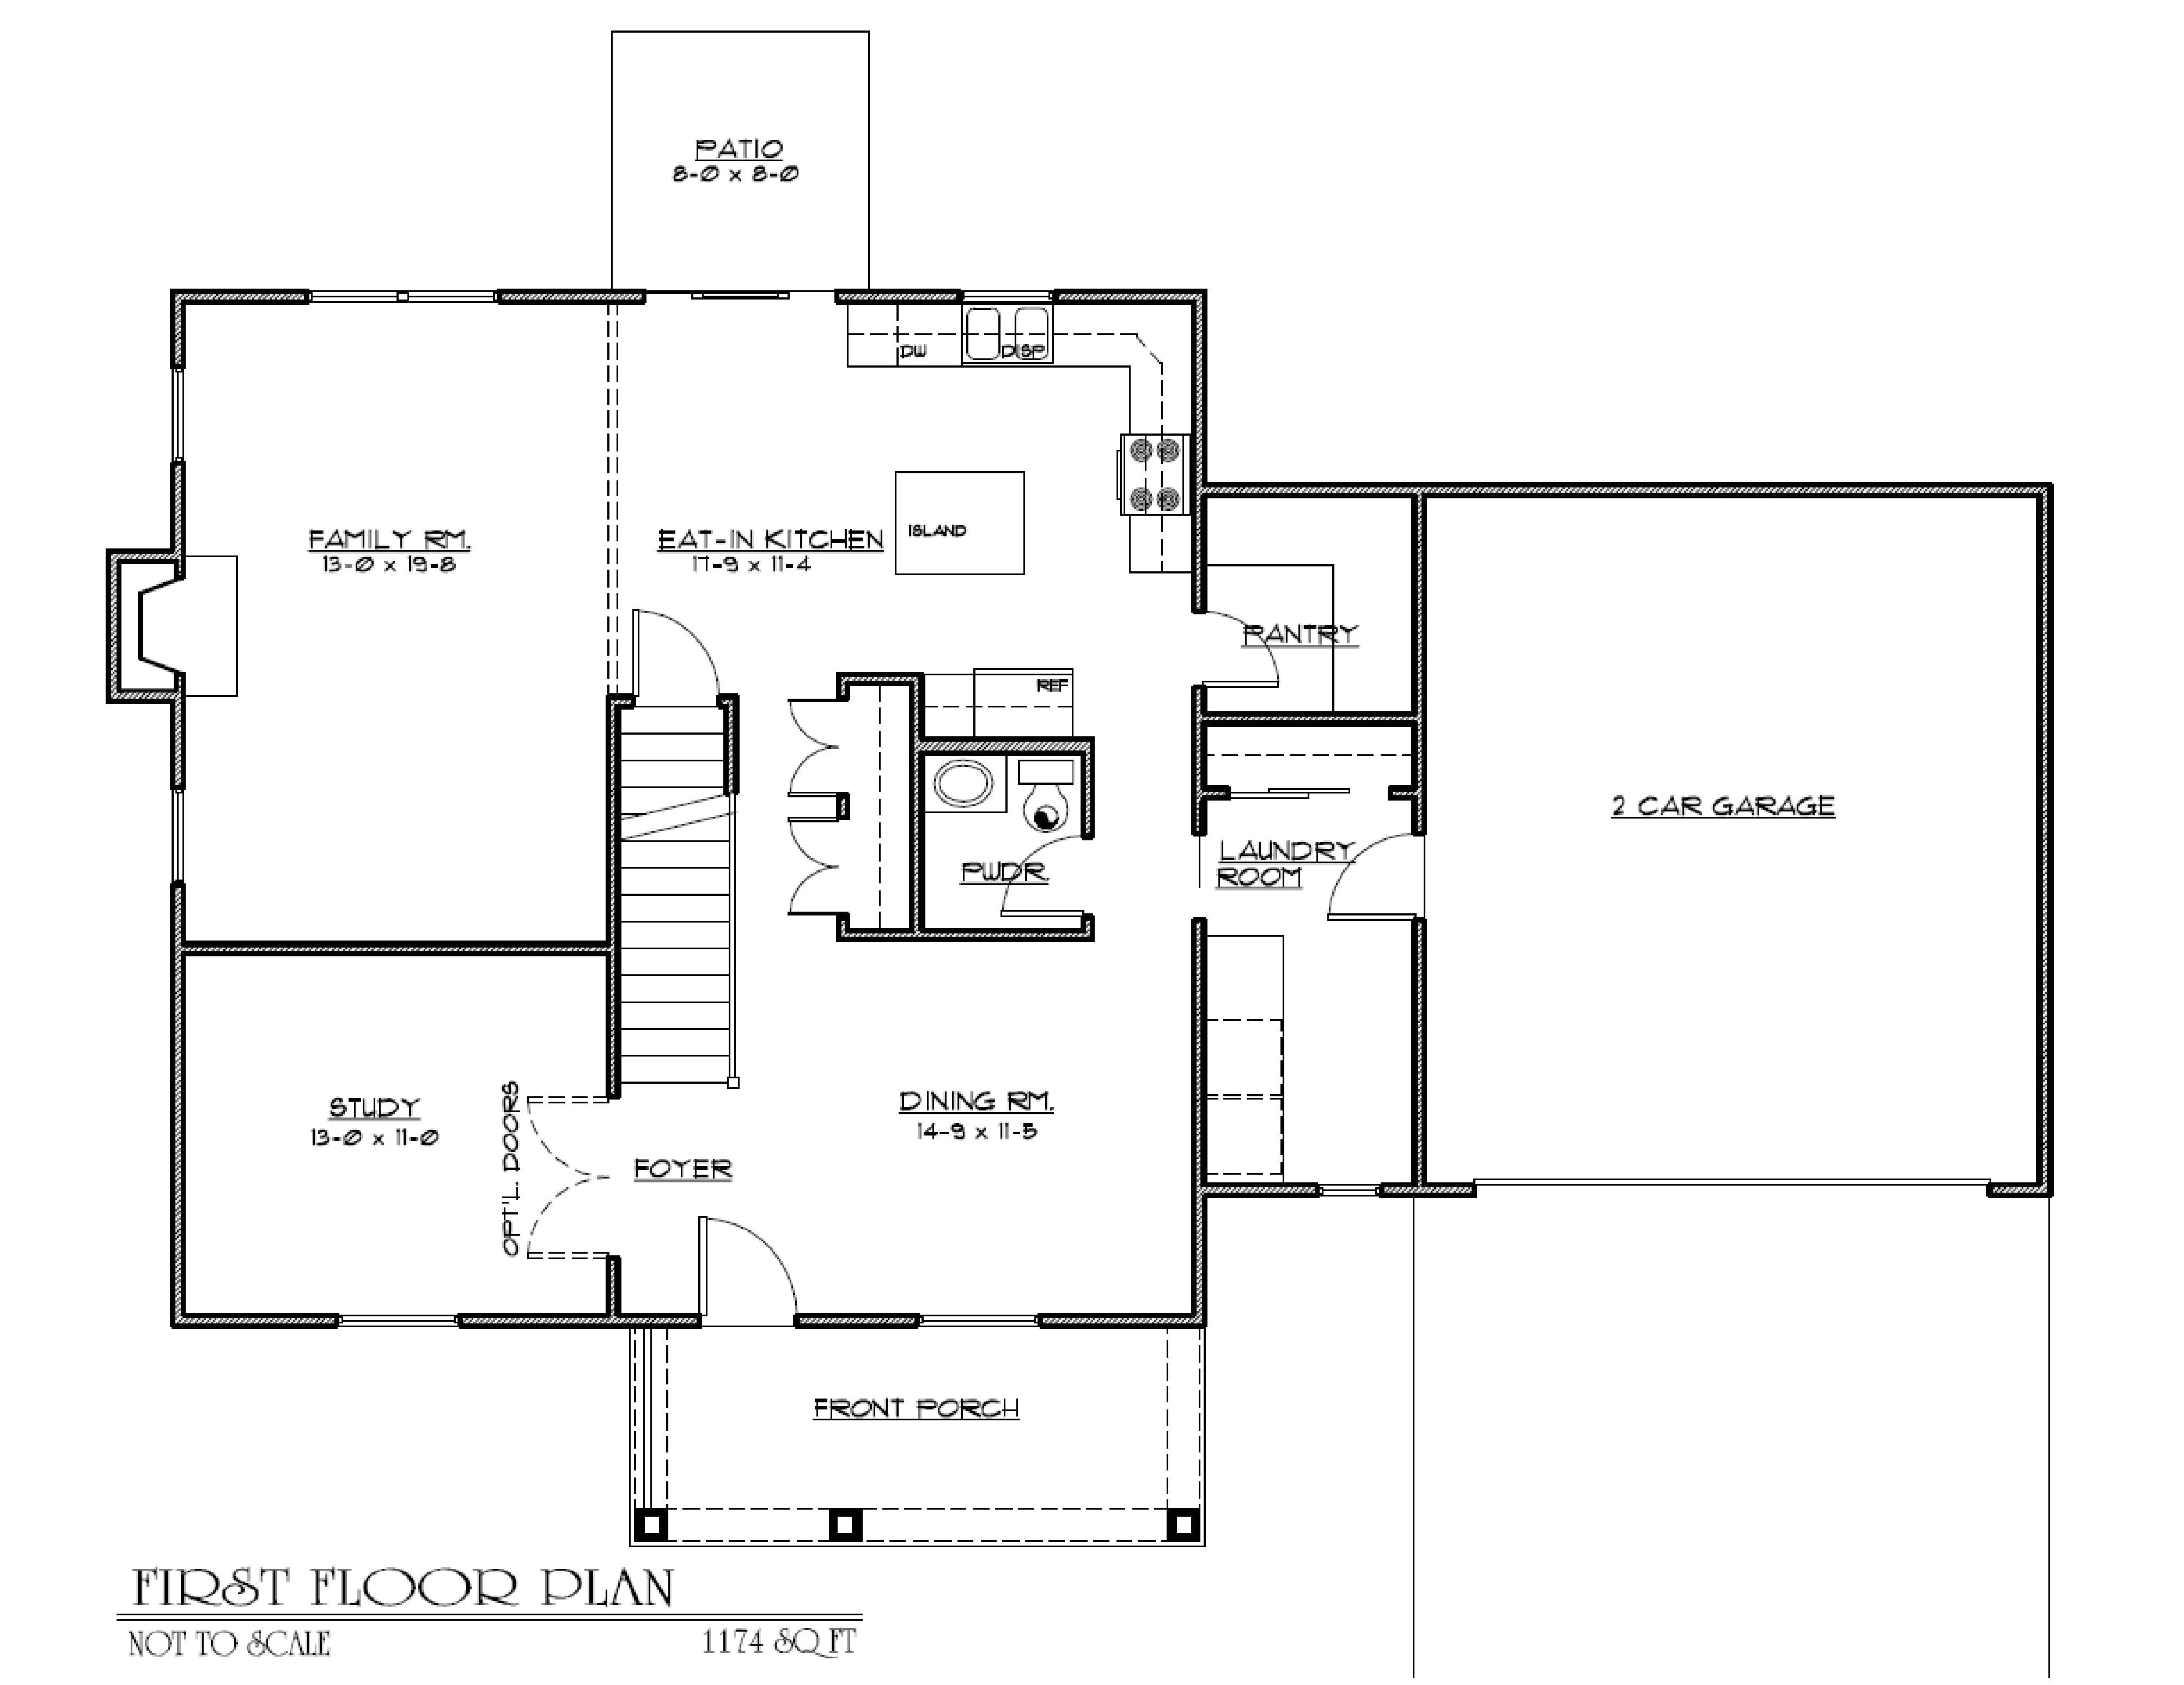 floor plans maker beautiful 3d floor plan maker beautiful floor plan floor plans maker new jim walter homes